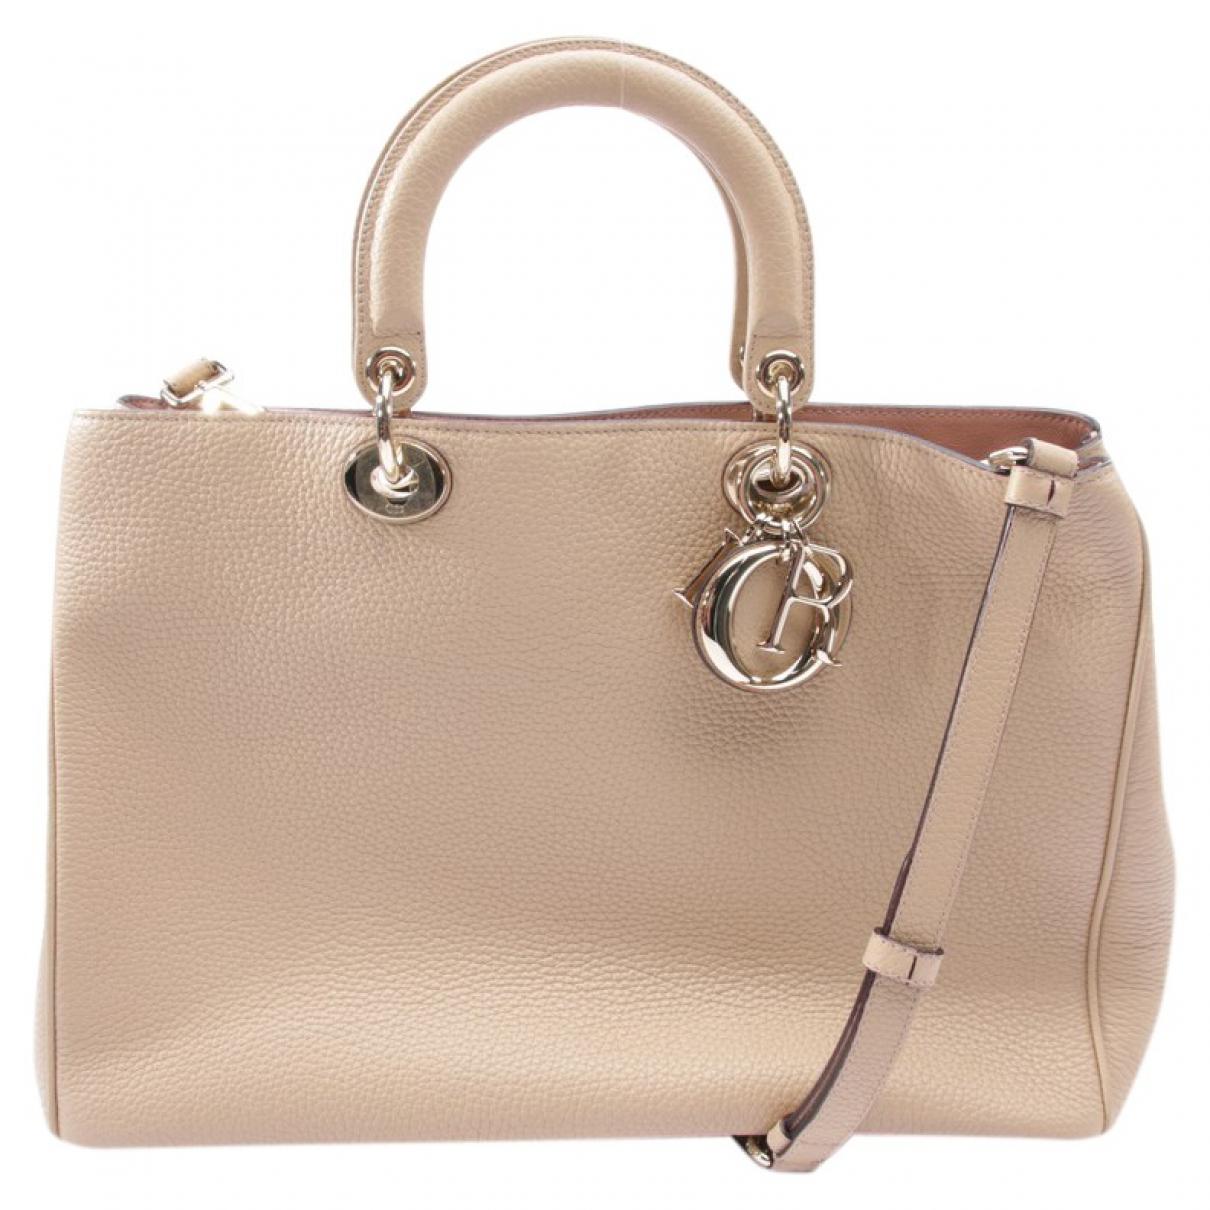 Dior - Sac a main Diorissimo pour femme en cuir - beige